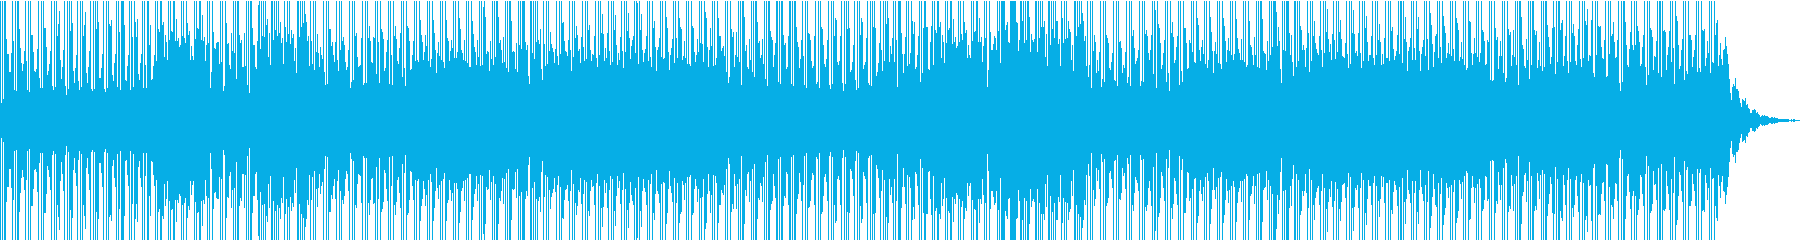 おしゃれ/クリエイティブの再生済みの波形